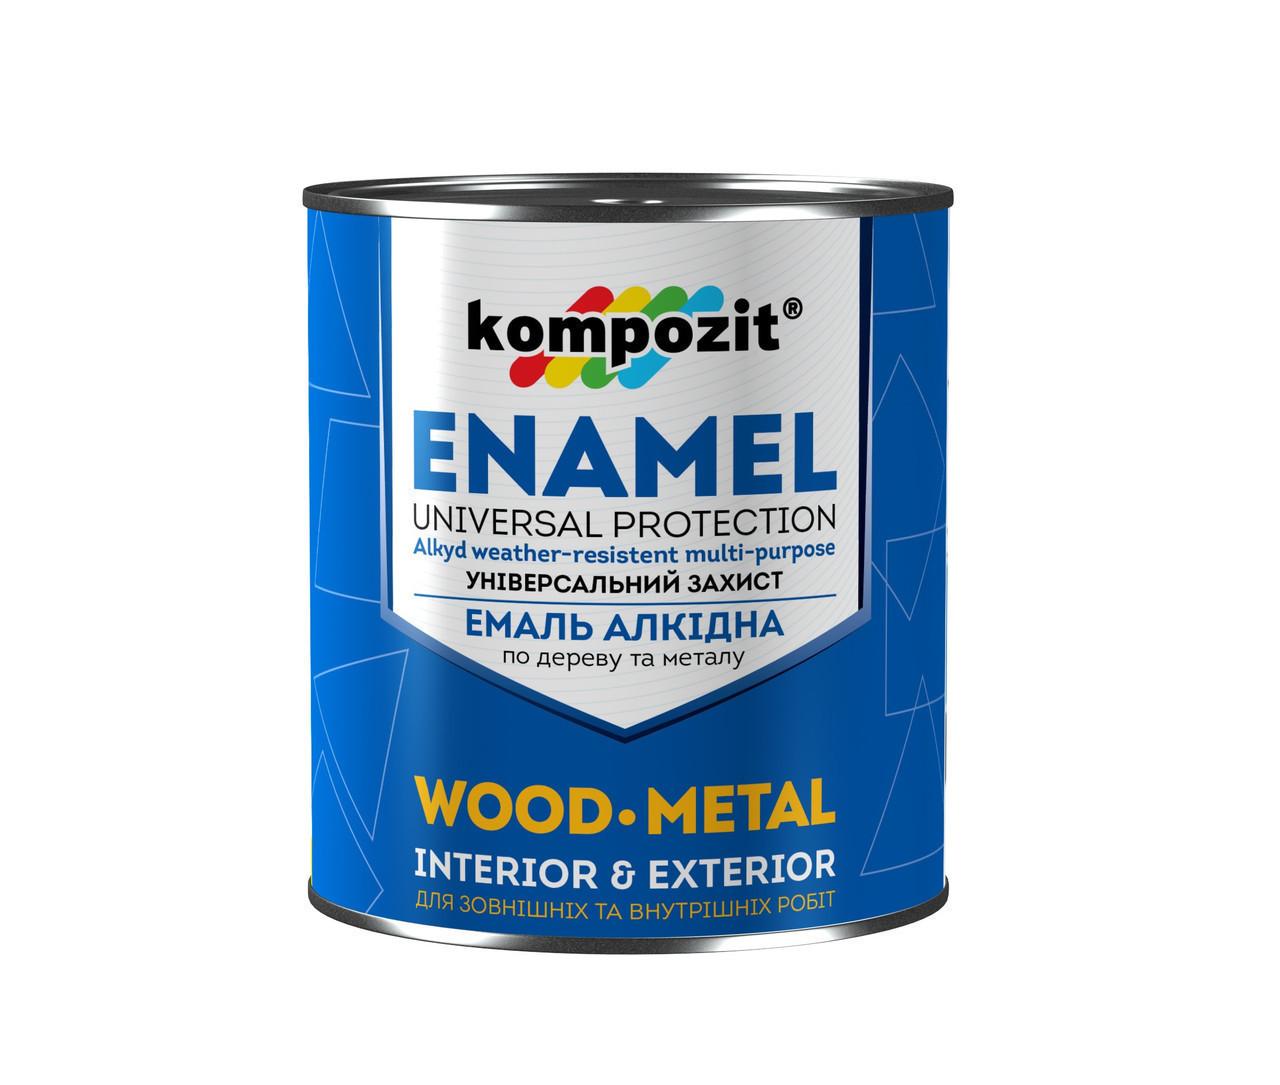 Емаль алкідна по дереву і металу Kompozit Enamel 2.8 кг Шоколадний